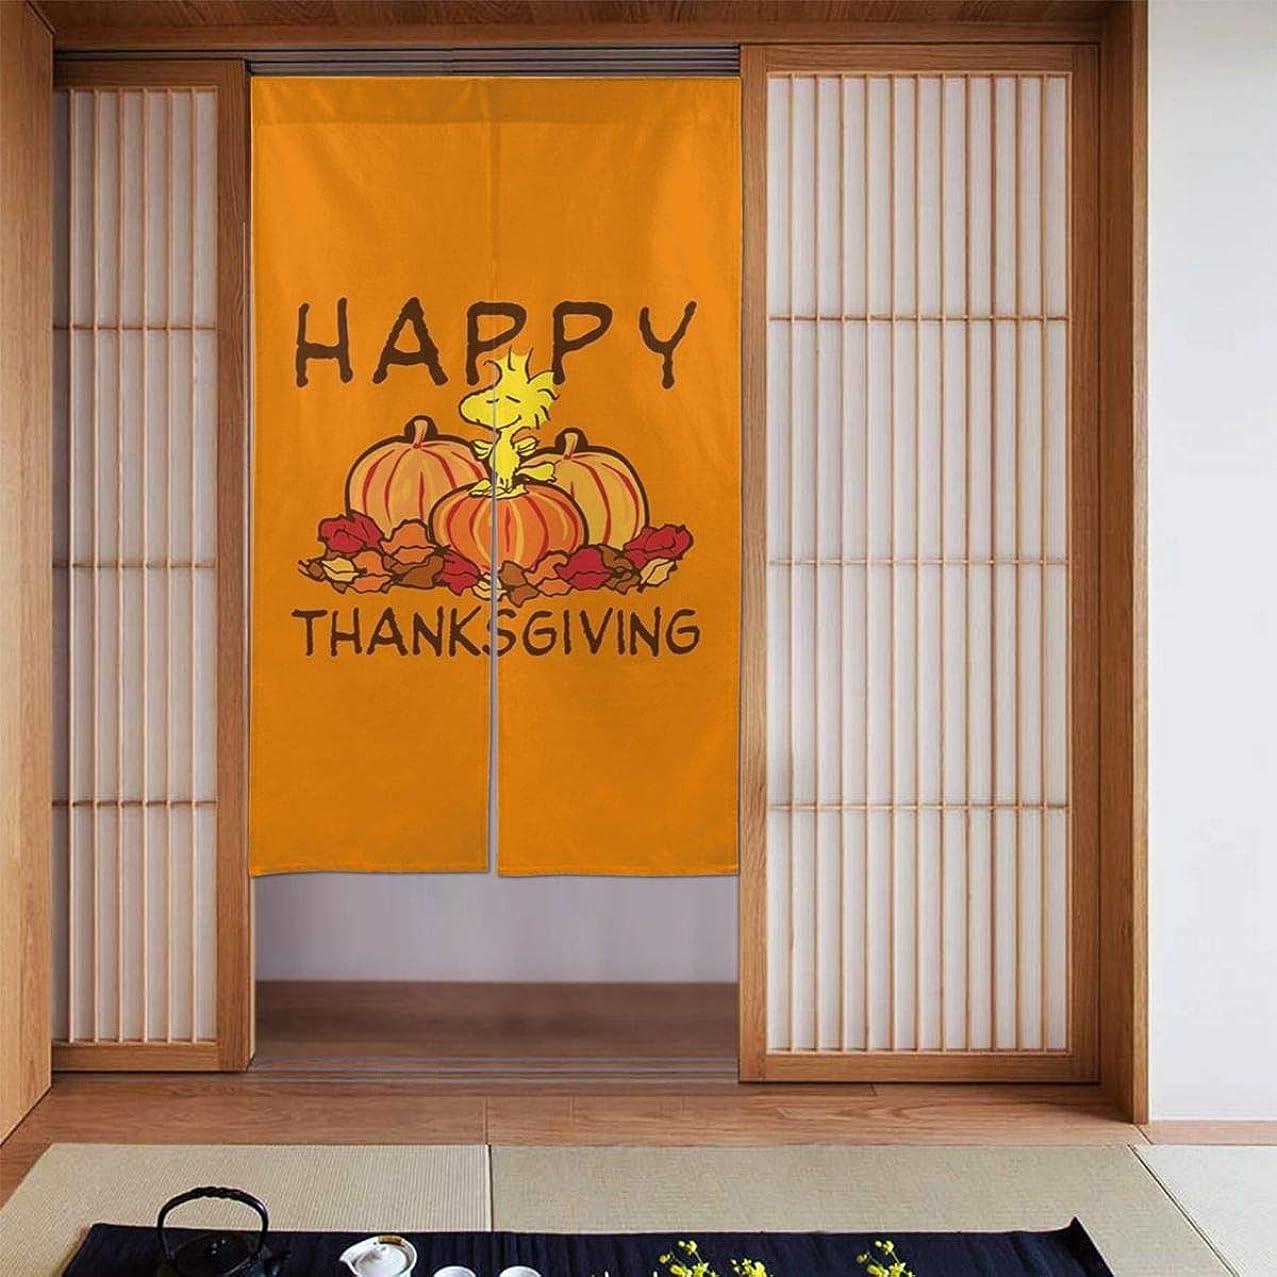 帰る狂信者地中海感謝祭のスヌーピー 網戸 玄関 86 X 143cm 玄関カーテン 取付簡単 ドア/ベランダ/玄関/勝手口